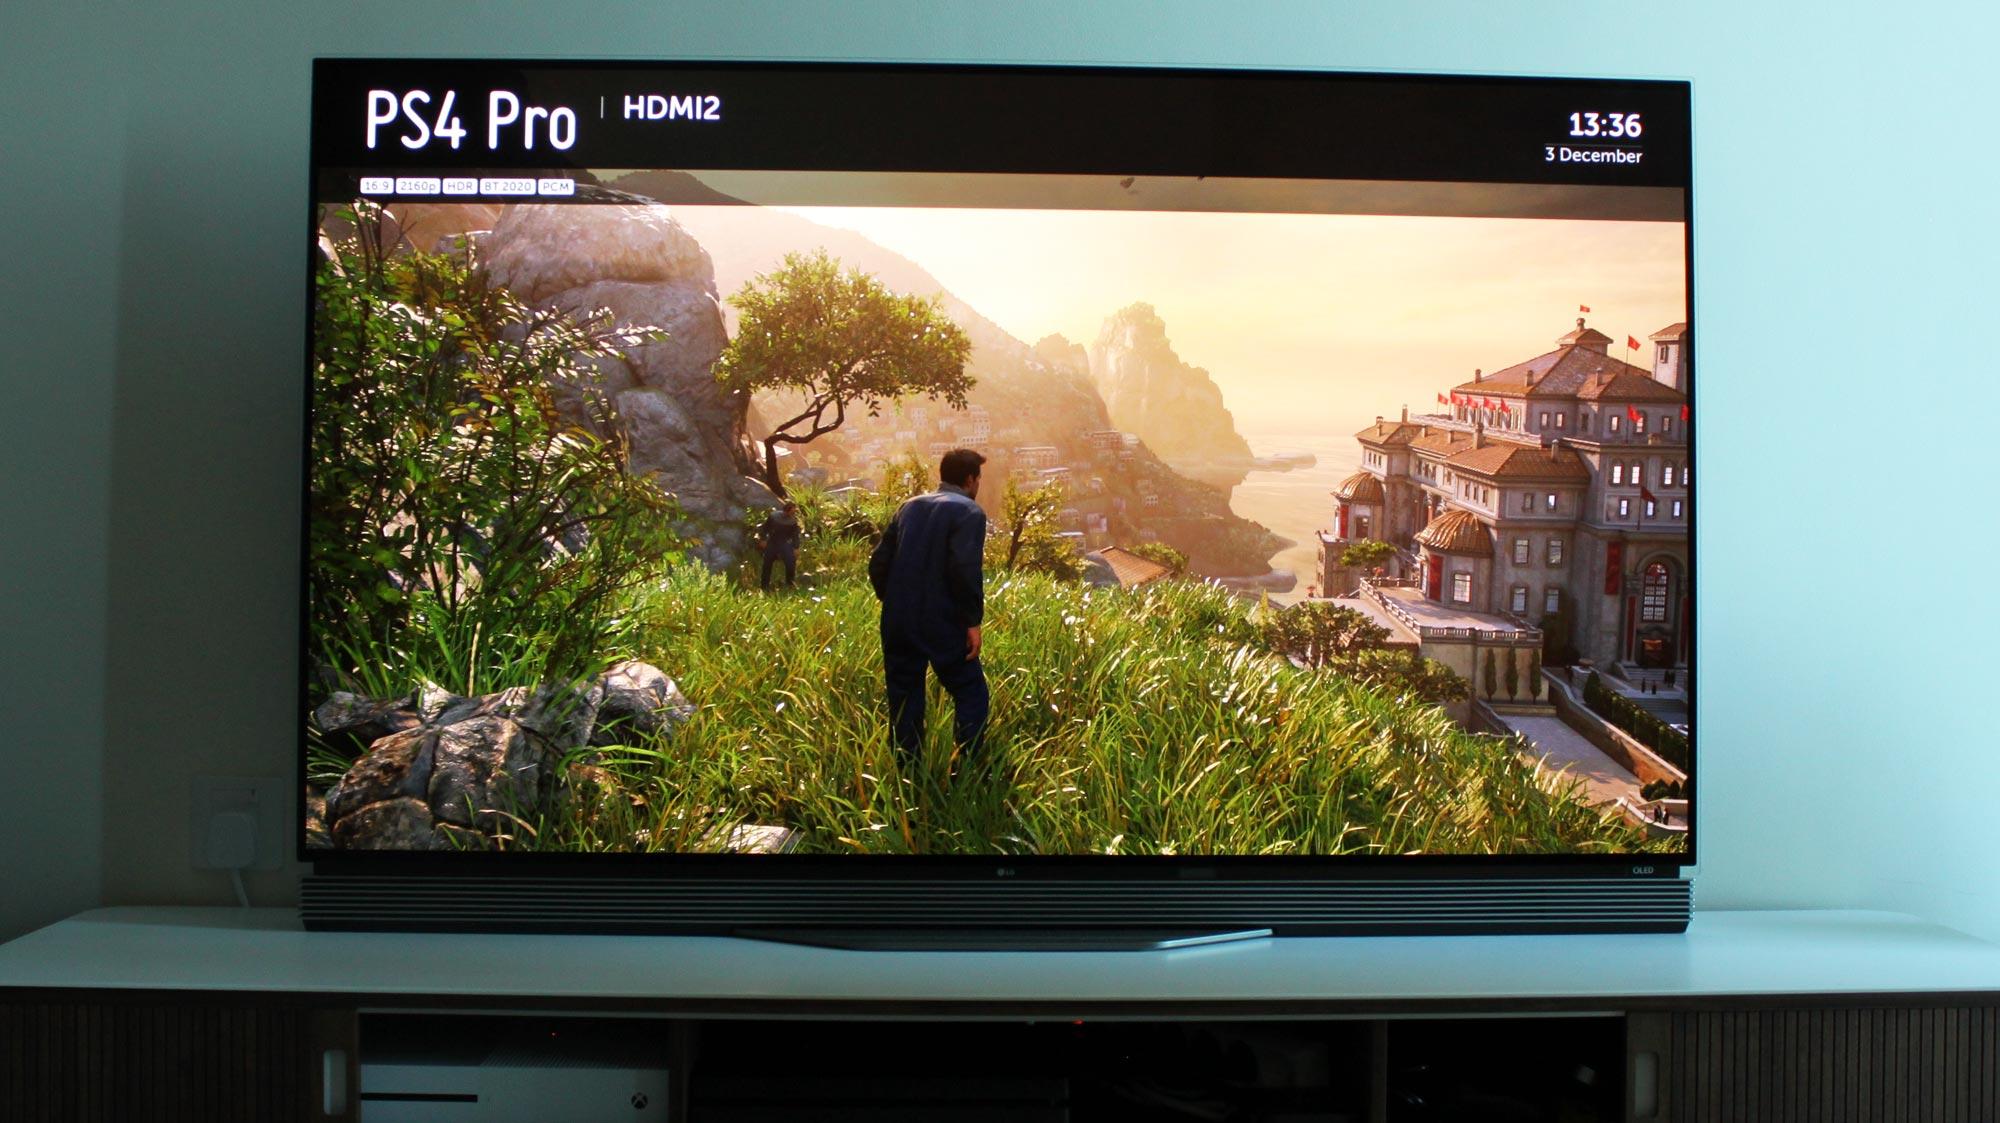 PlayStation 4 Pro (& spil i HDR) test - FlatpanelsDK